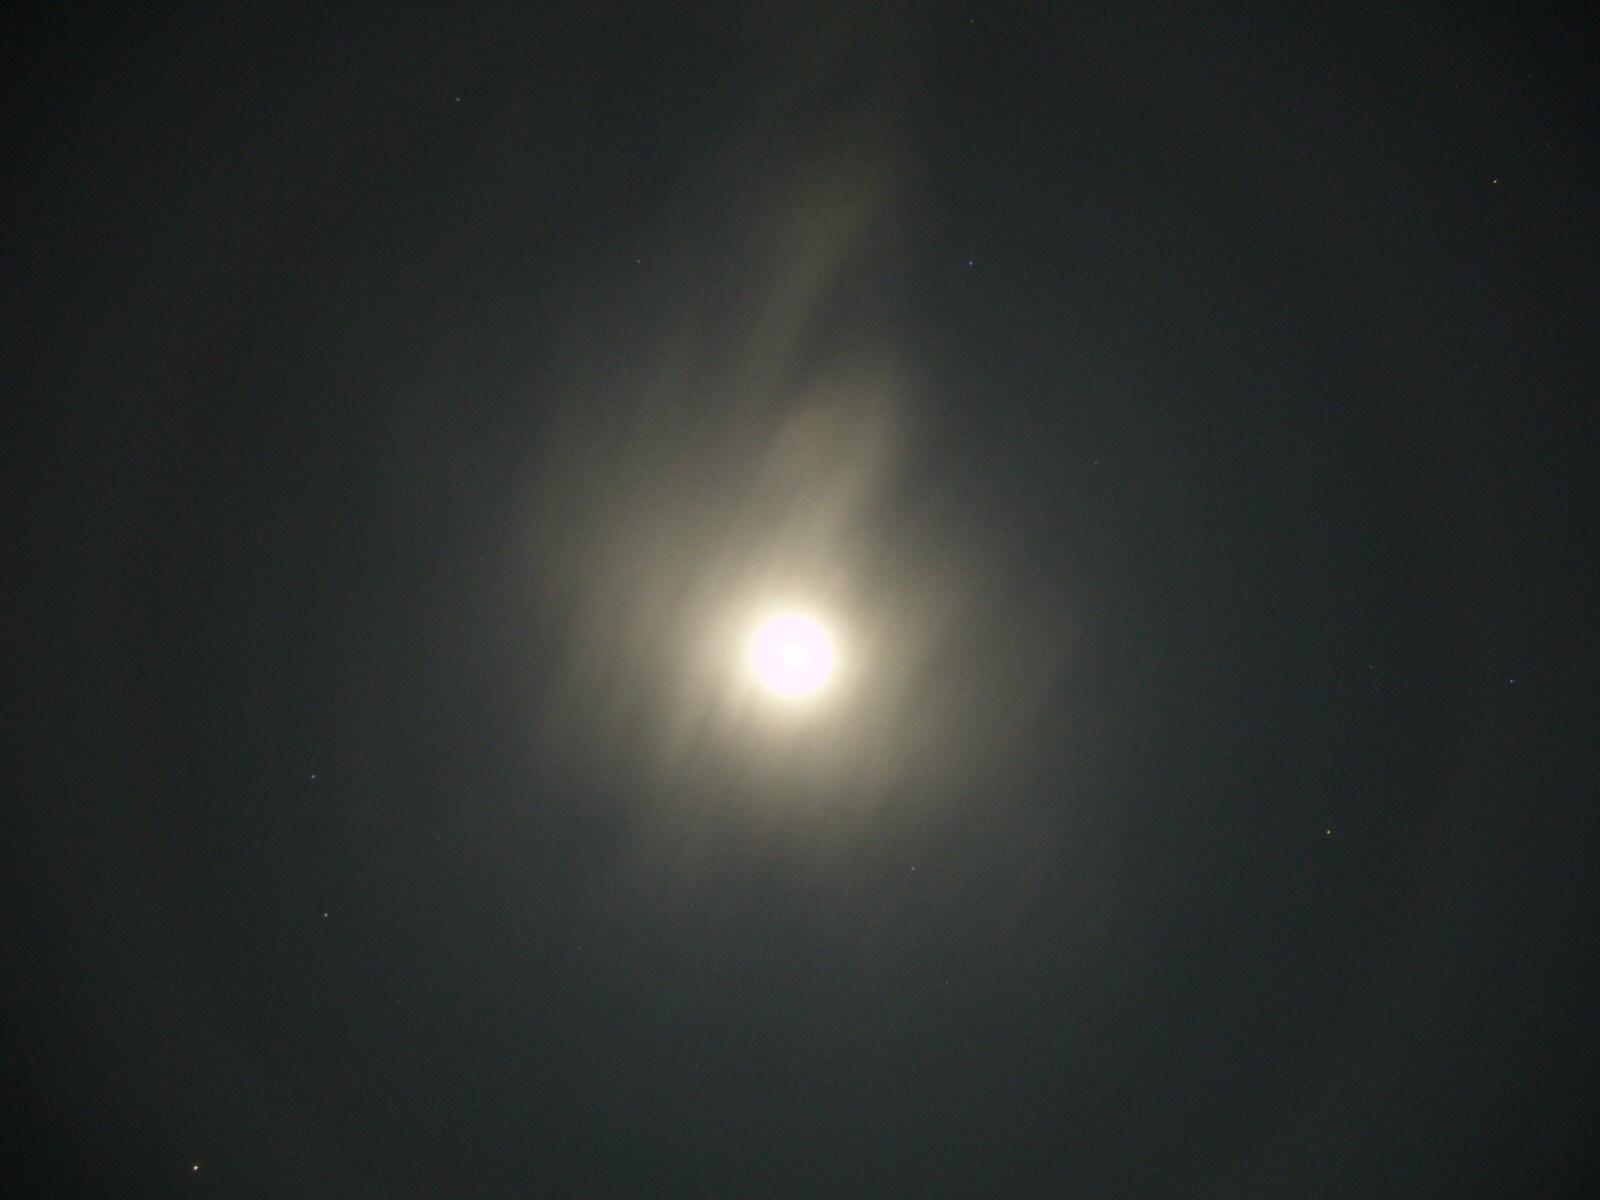 月ハロ(月暈) 分かりにくいかも